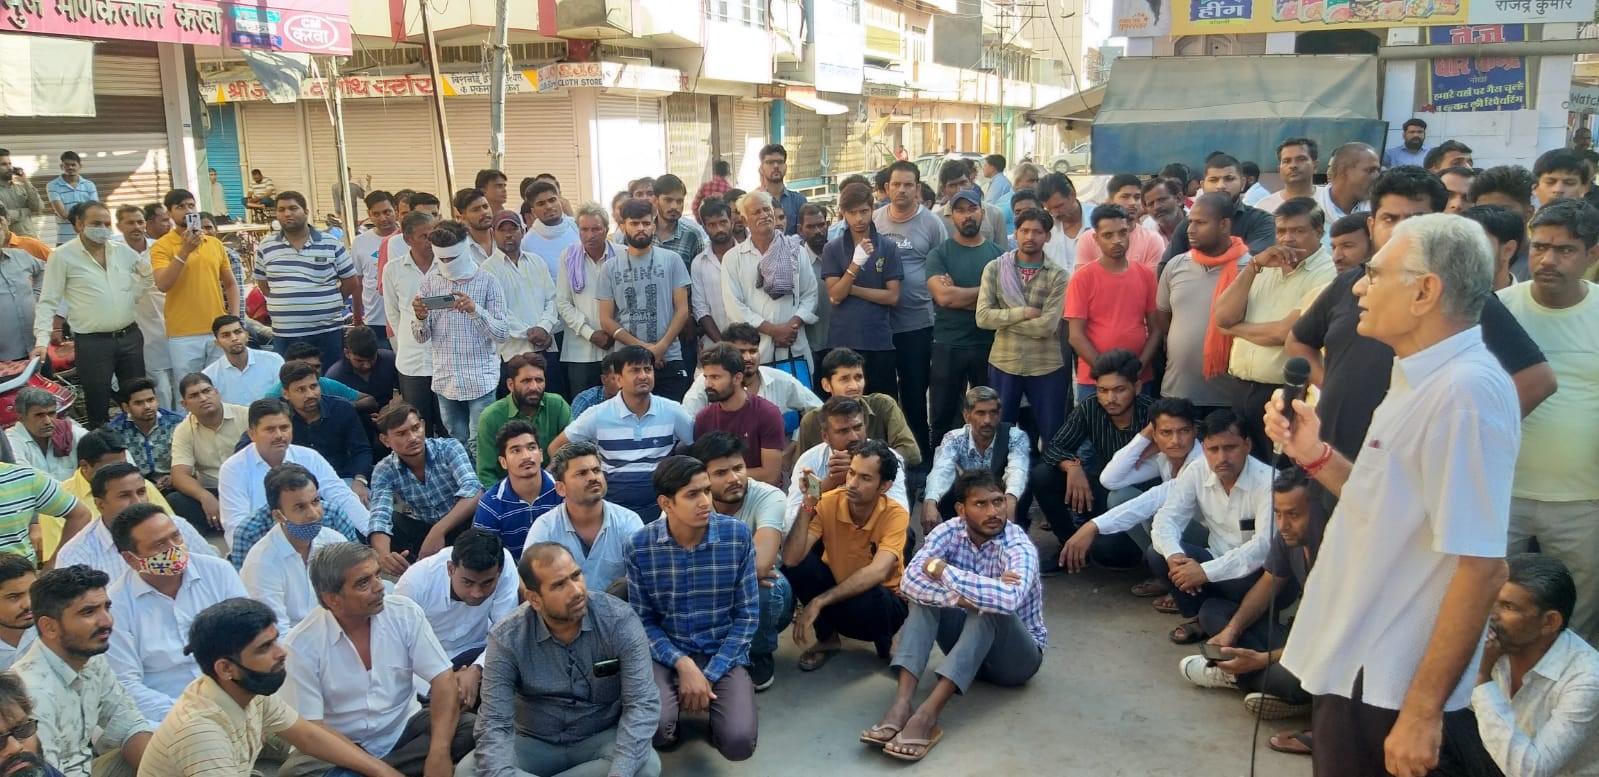 एक पक्ष के लोग तमिलनाडू से आए युवकों की गतिविधियां संदिग्ध बता रहे हैं।